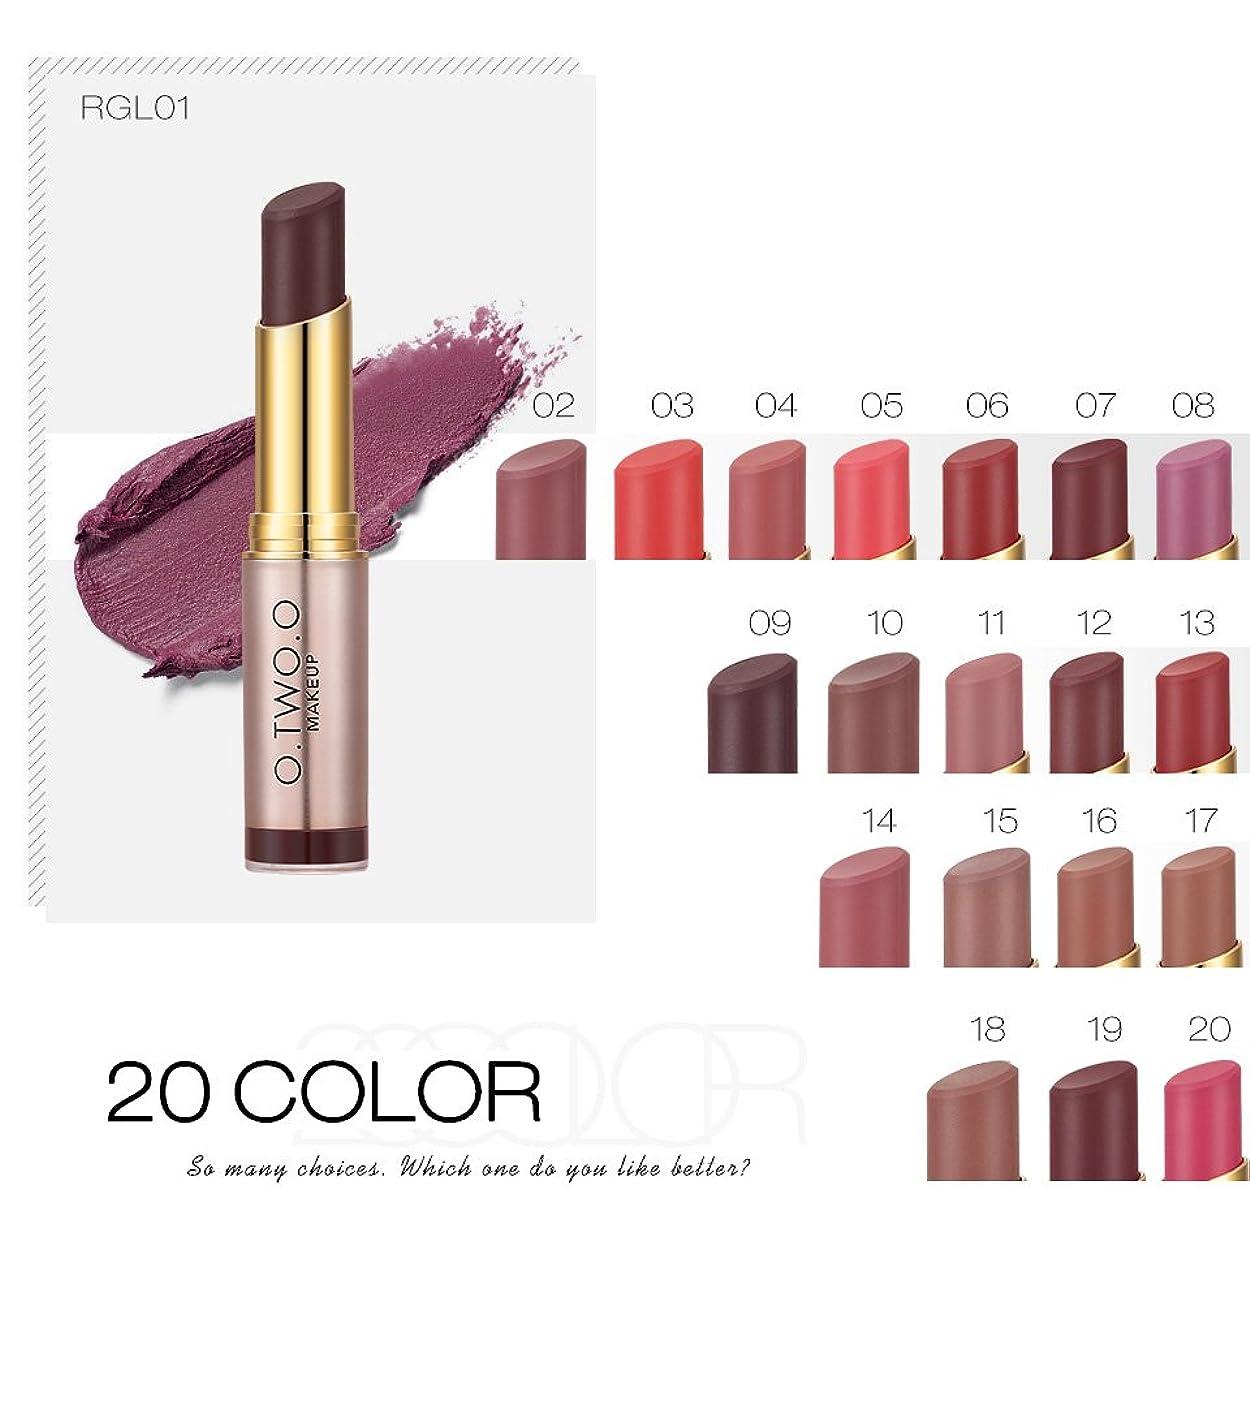 興奮テレビ局ファブリック(RGL08) Brand Wholesale Beauty Makeup Lipstick Popular Colors Best Seller Long Lasting Lip Kit Matte Lip Cosmetics